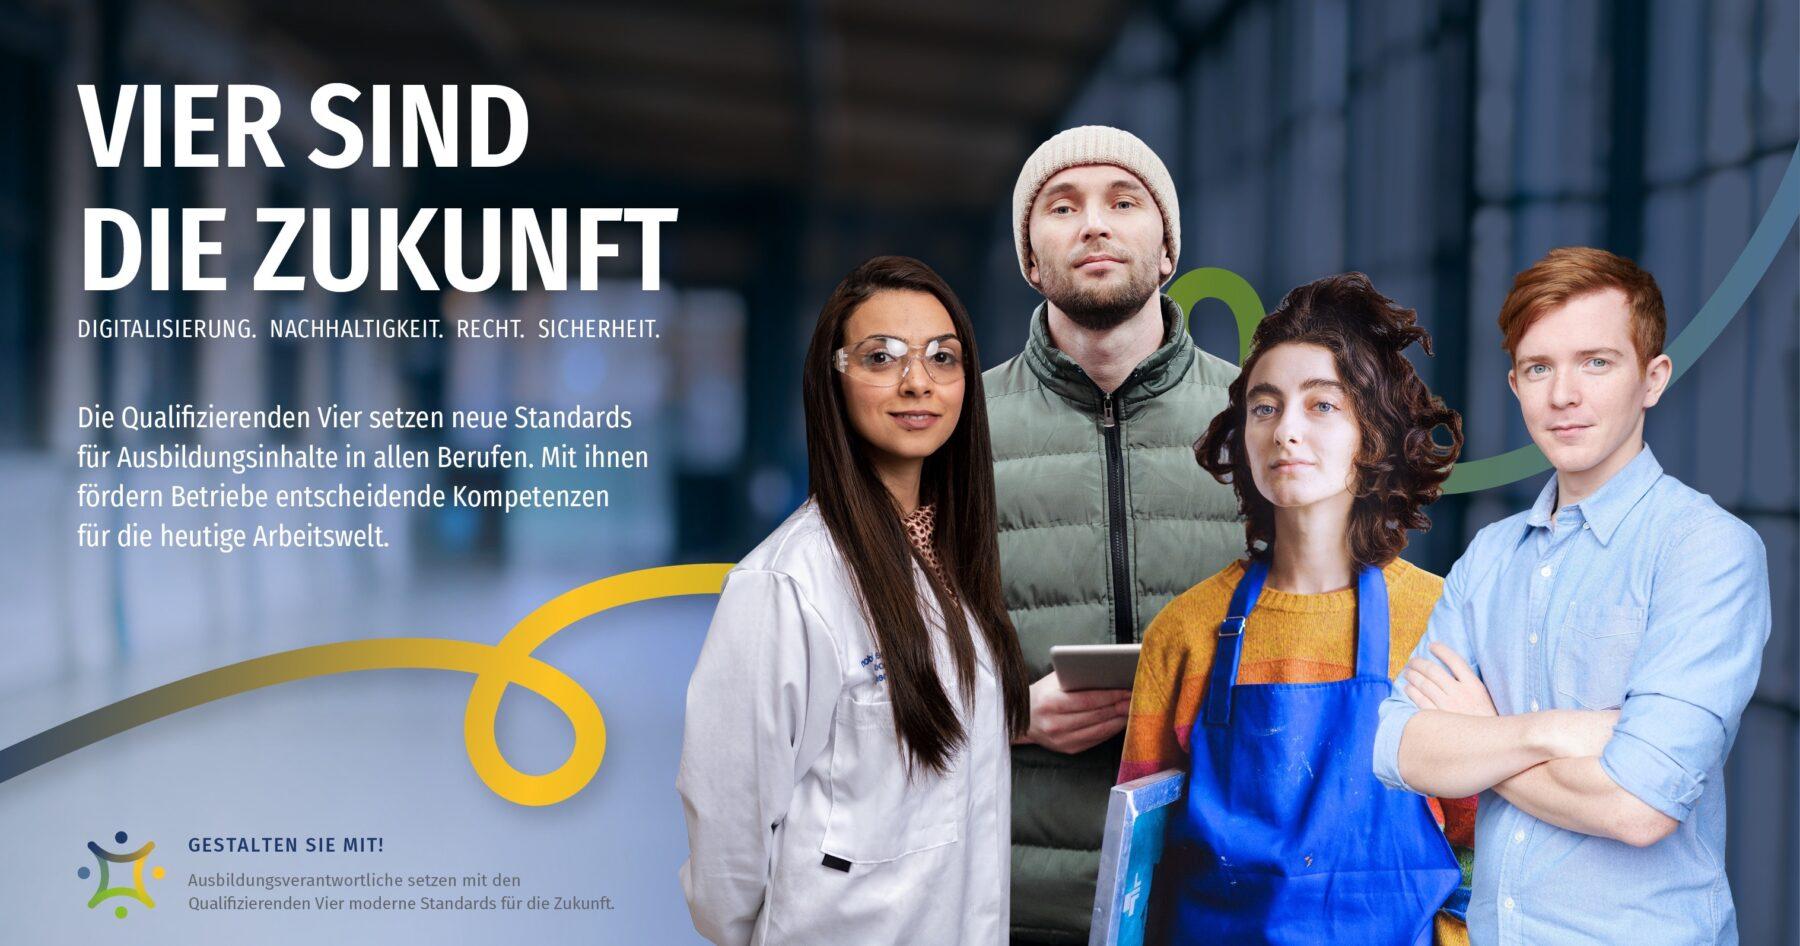 """""""Vier sind die Zukunft!"""" war das Motto der Themenwoche zu den neuen Ausbildungsinhalten. Bild: BIBB"""